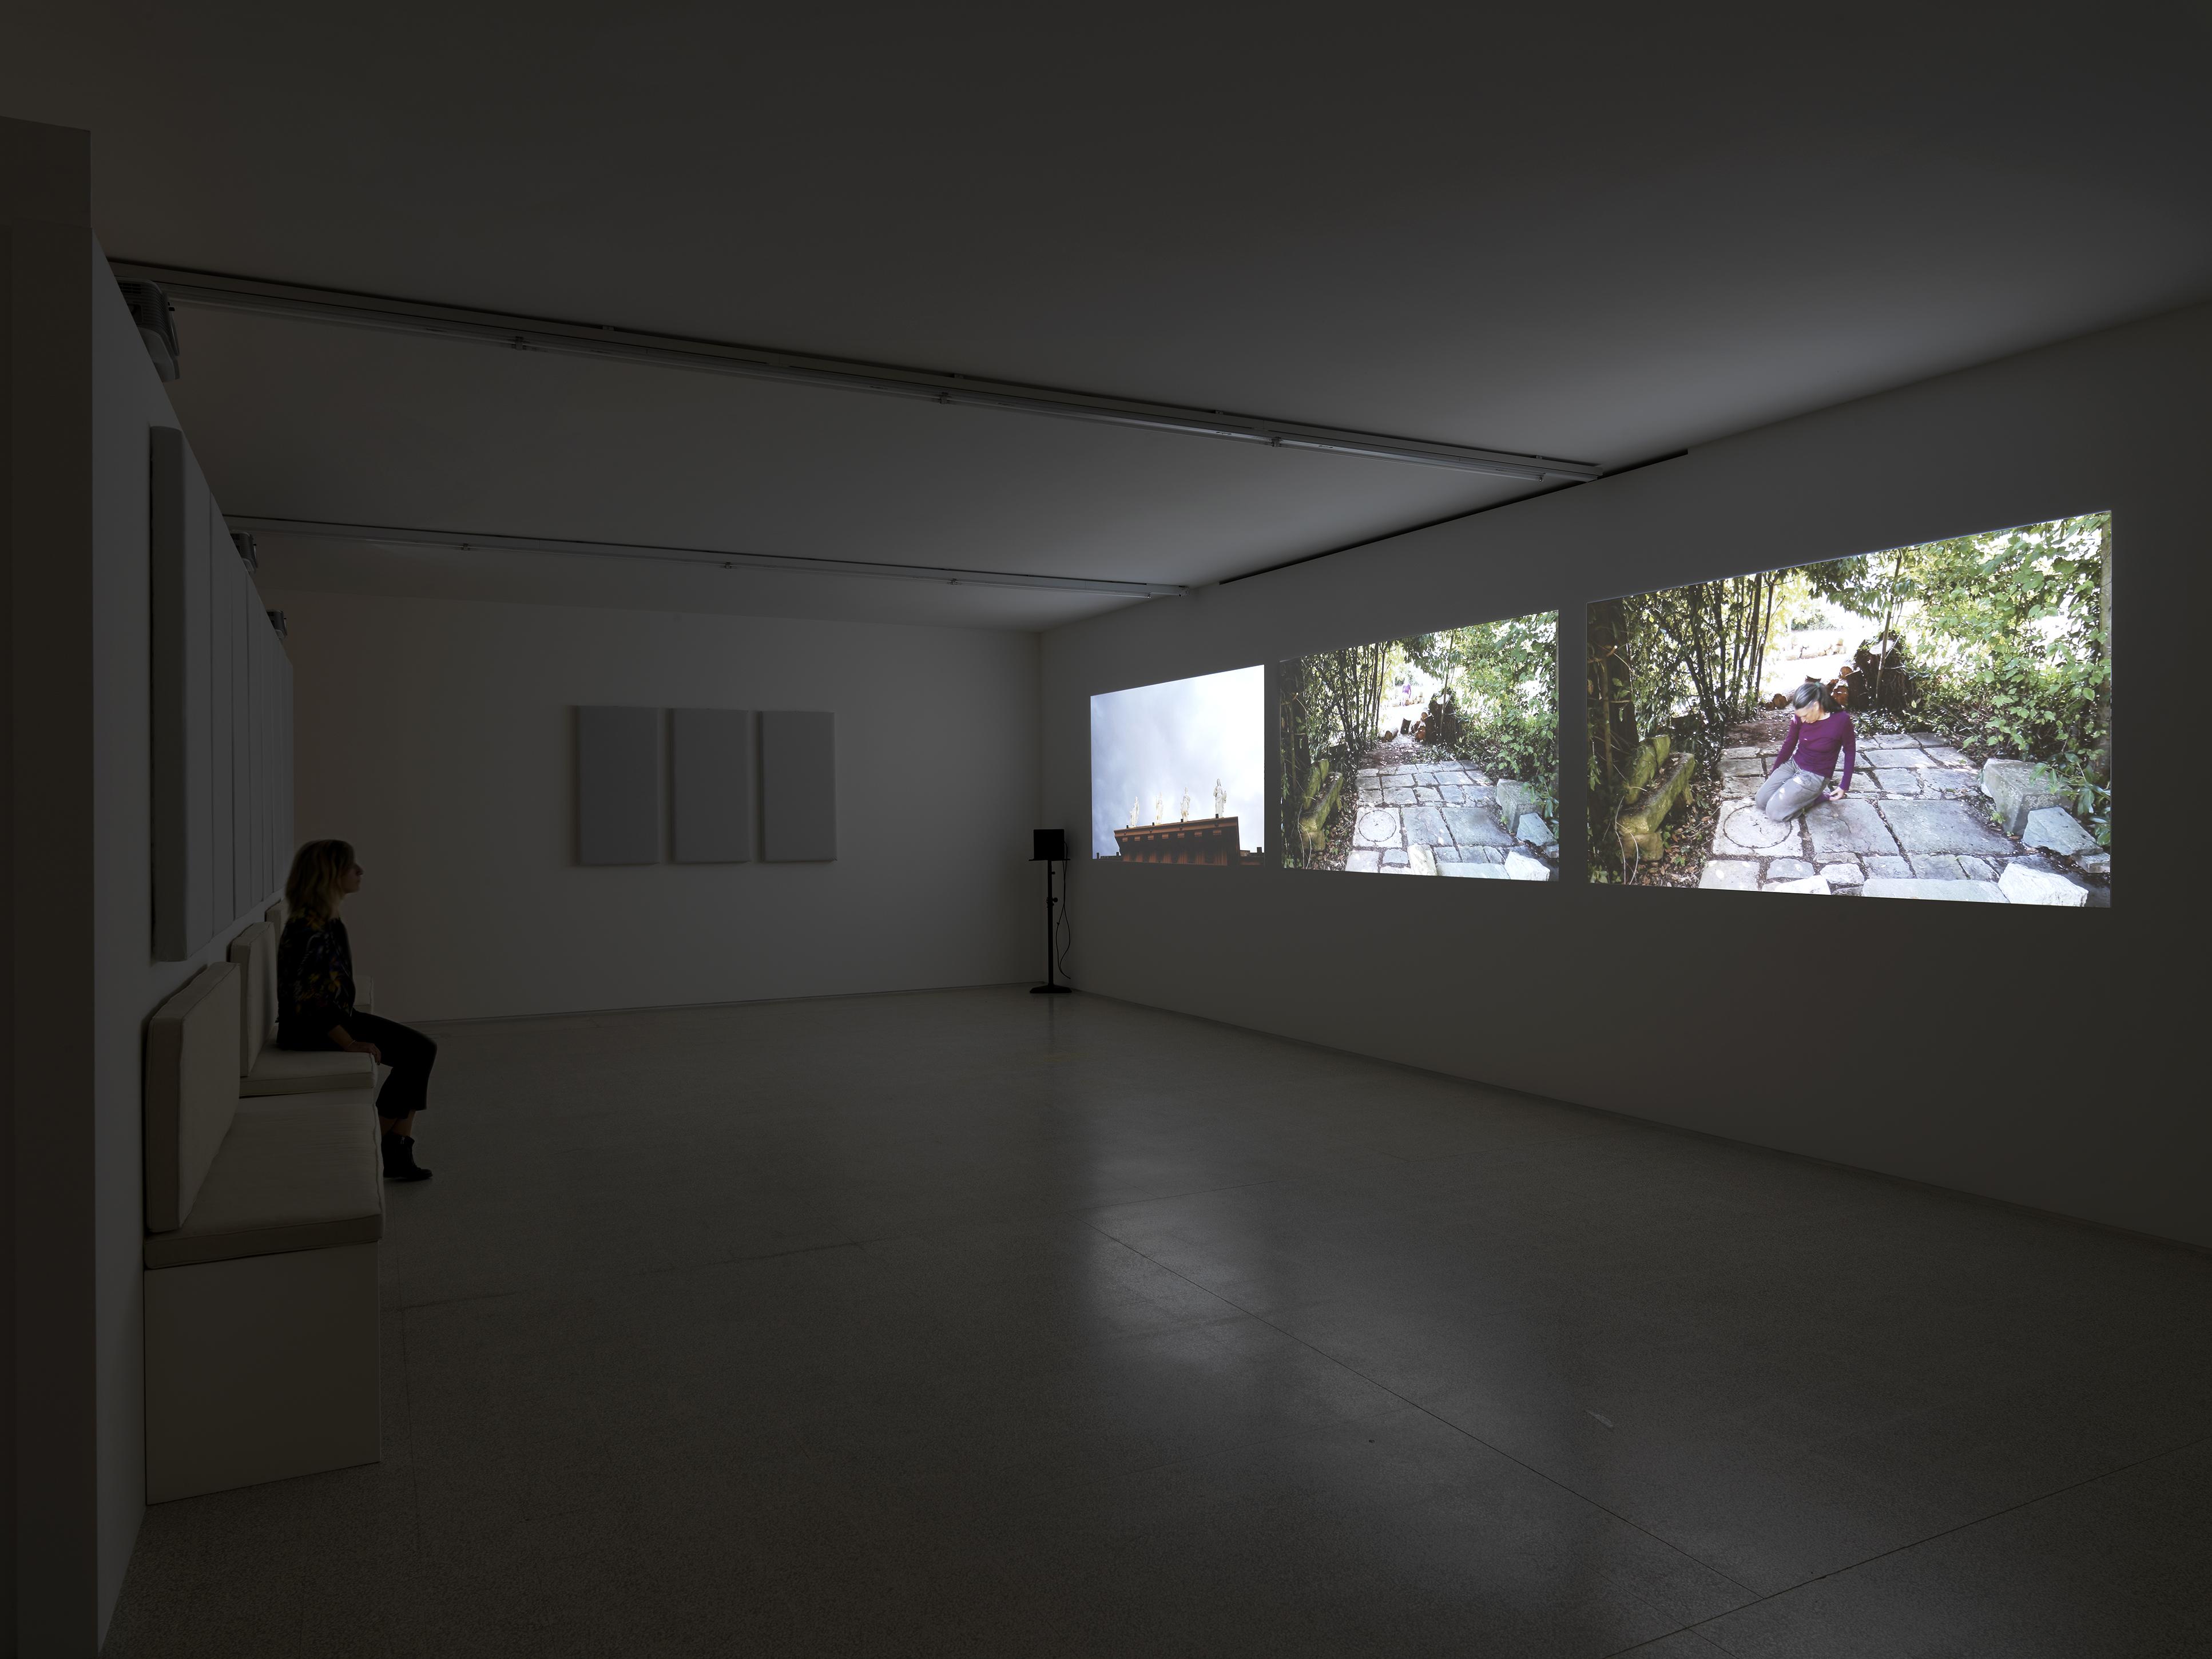 Helen Cammock Che si può fare Veduta di mostra / Exhibition view  Collezione Maramotti, 2019 Ph. Dario Lasagni